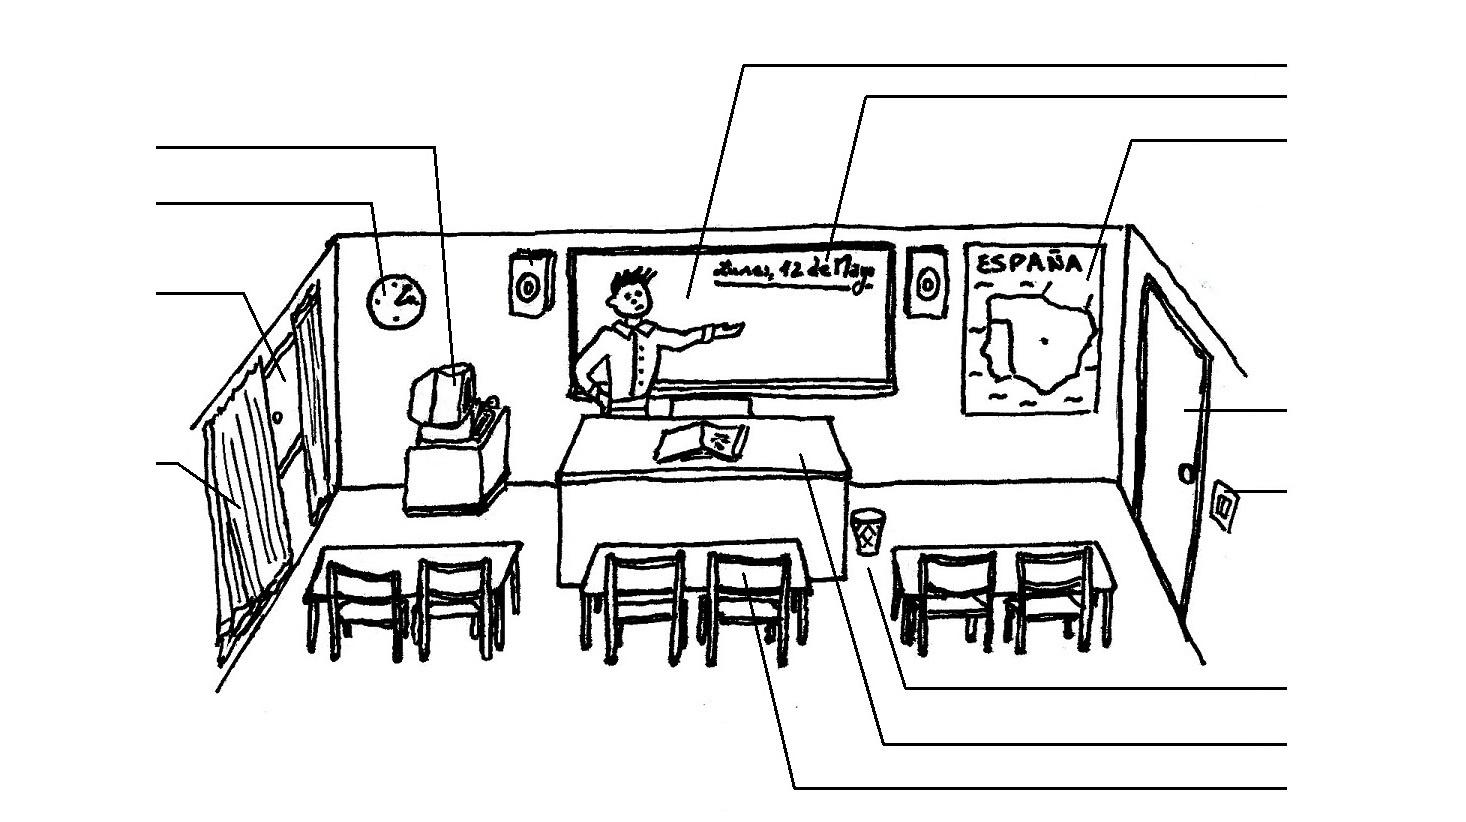 El aula de clases